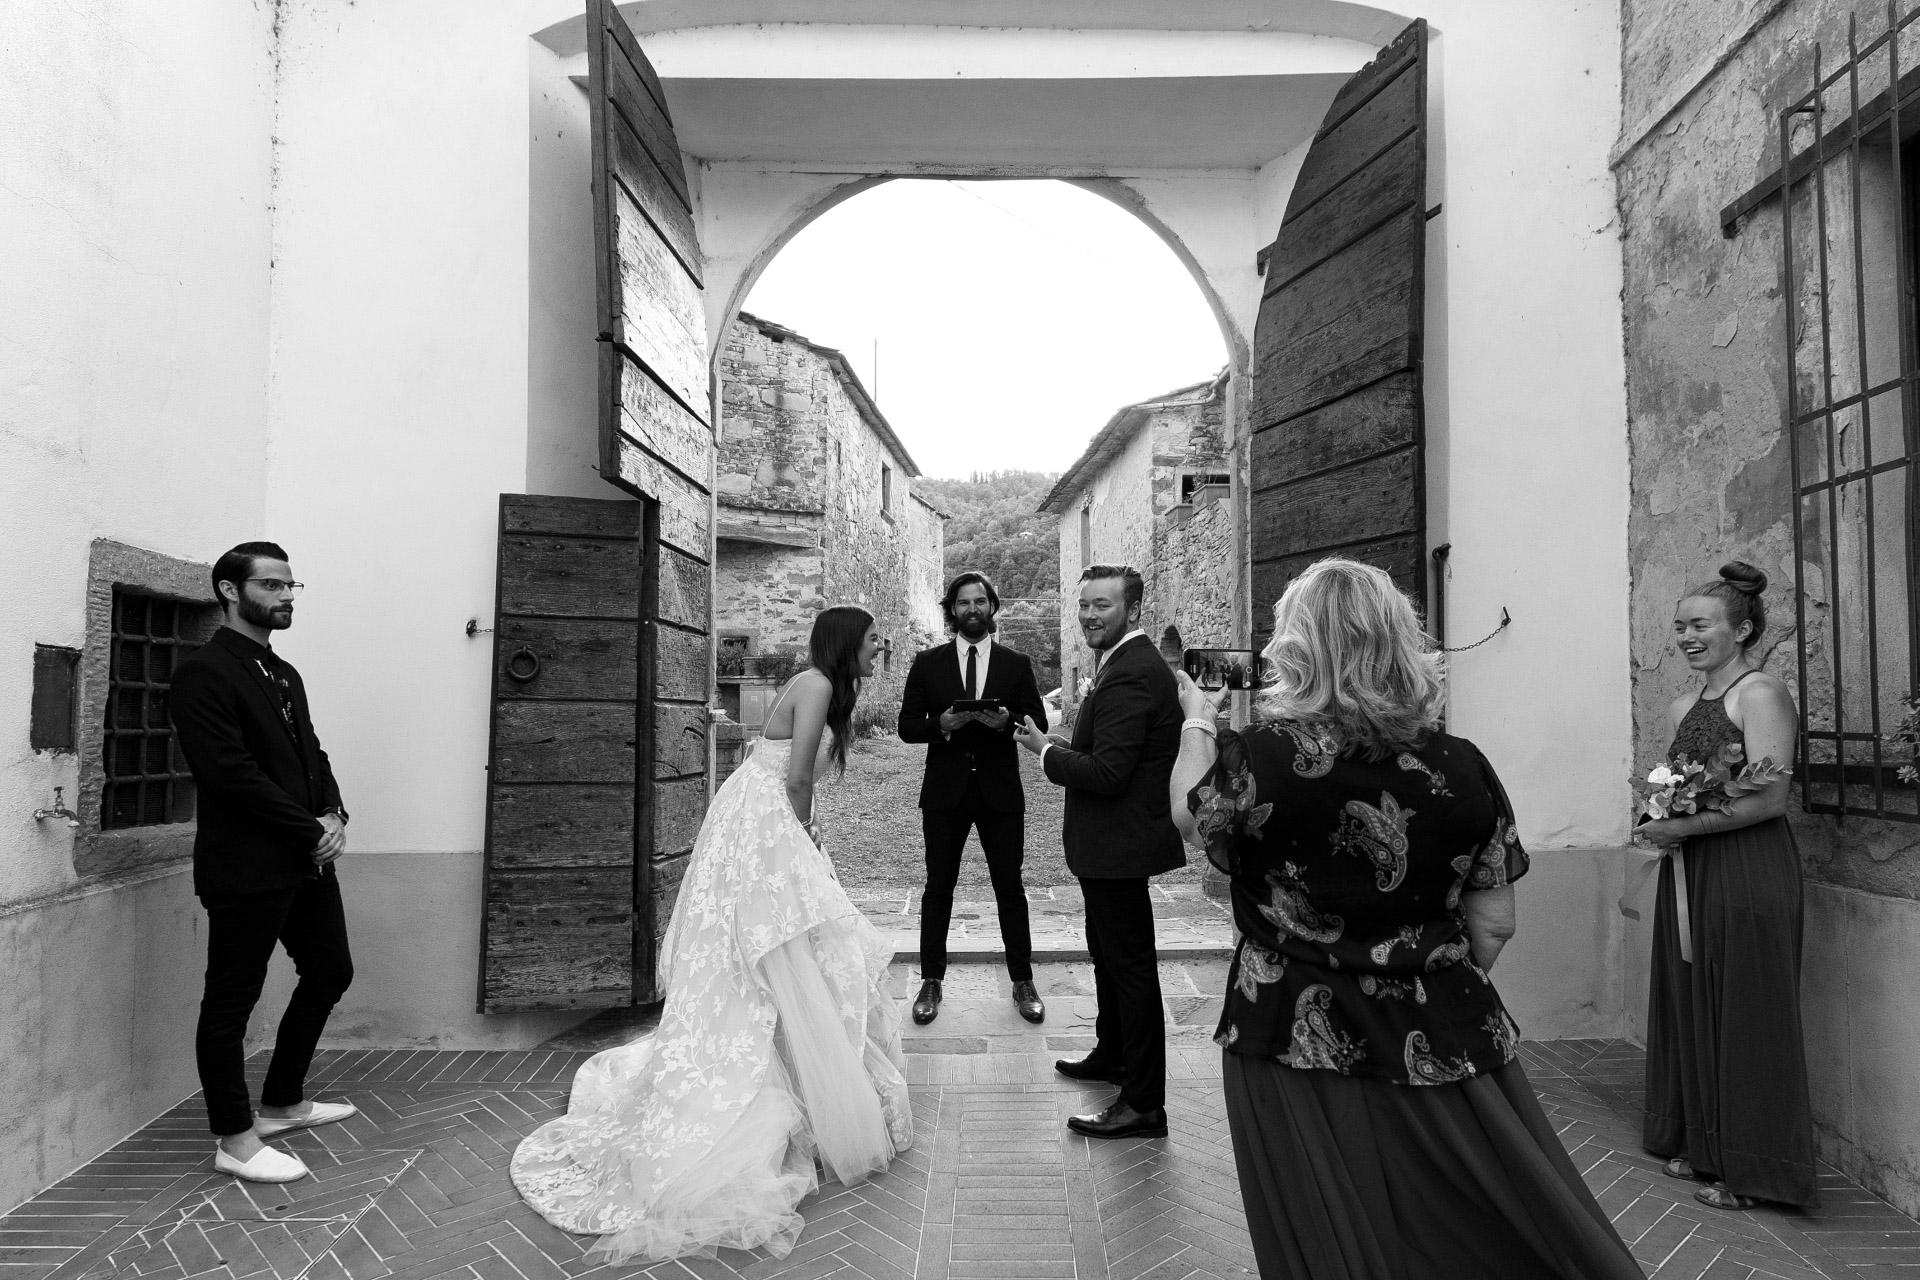 Arezzo Elopement, Toskana, IT Hochzeitszeremonie Fotografie | Alle lachten während der Überfahrt eines Provinzzuges hinter dem Zelebranten